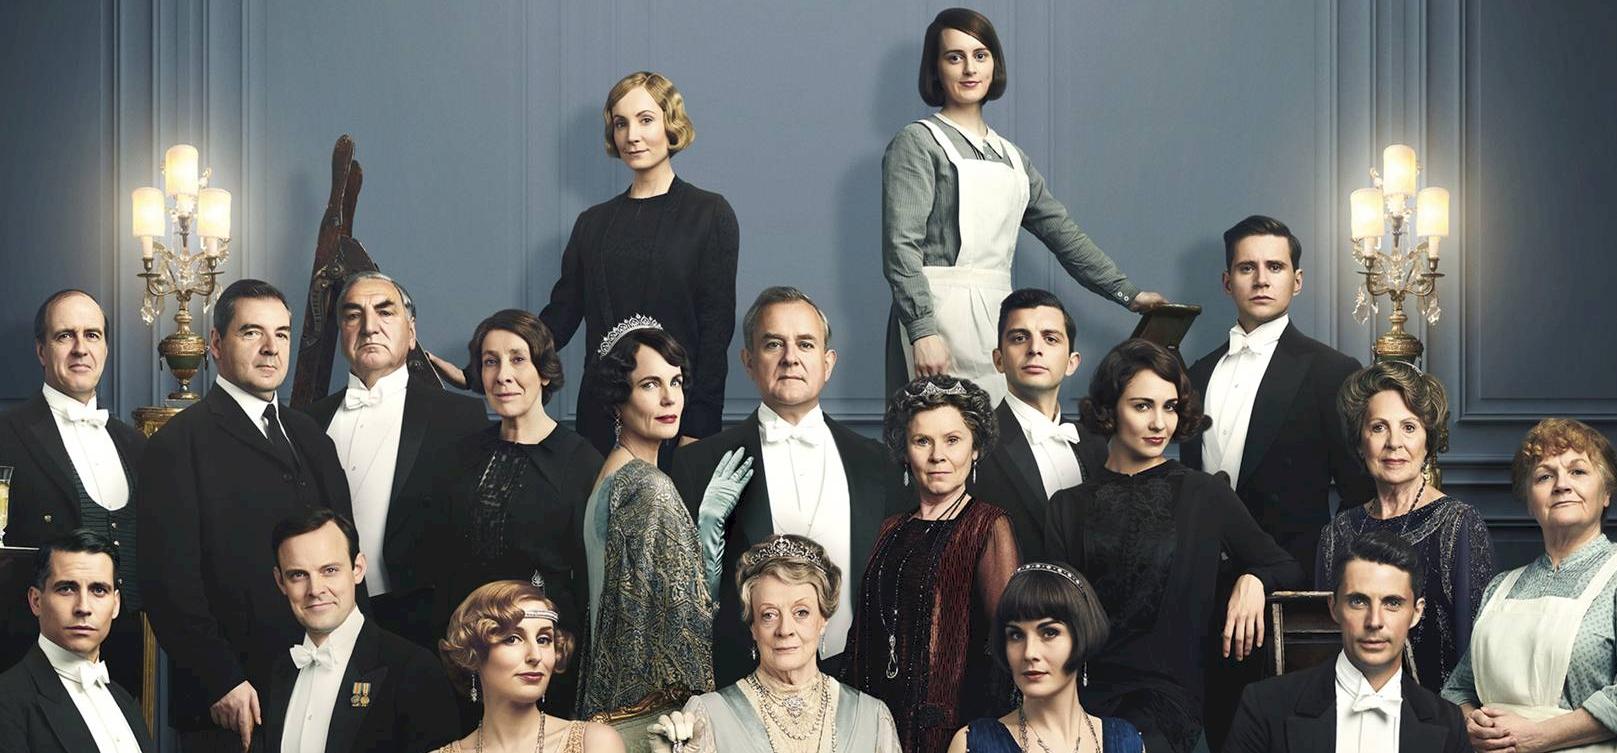 Downton Abbey-kritika: Egy méltán híres és sikeres sorozat végső lezárása